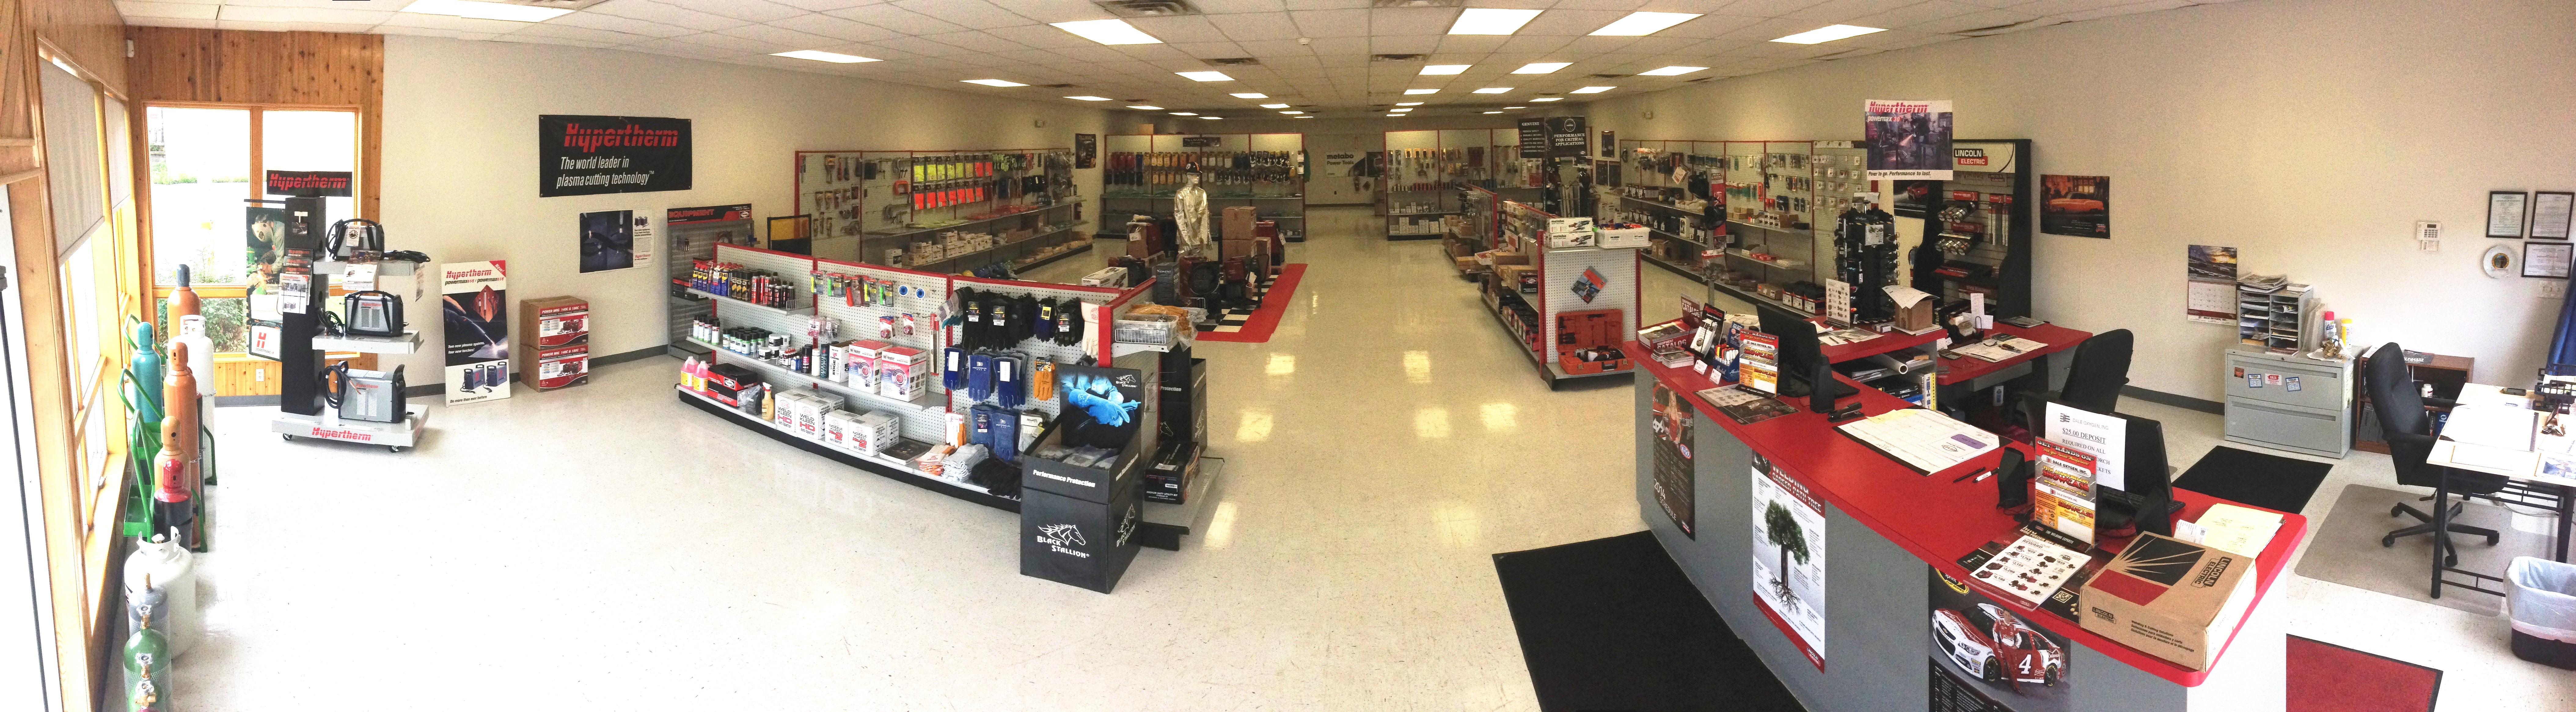 Altoona-Store